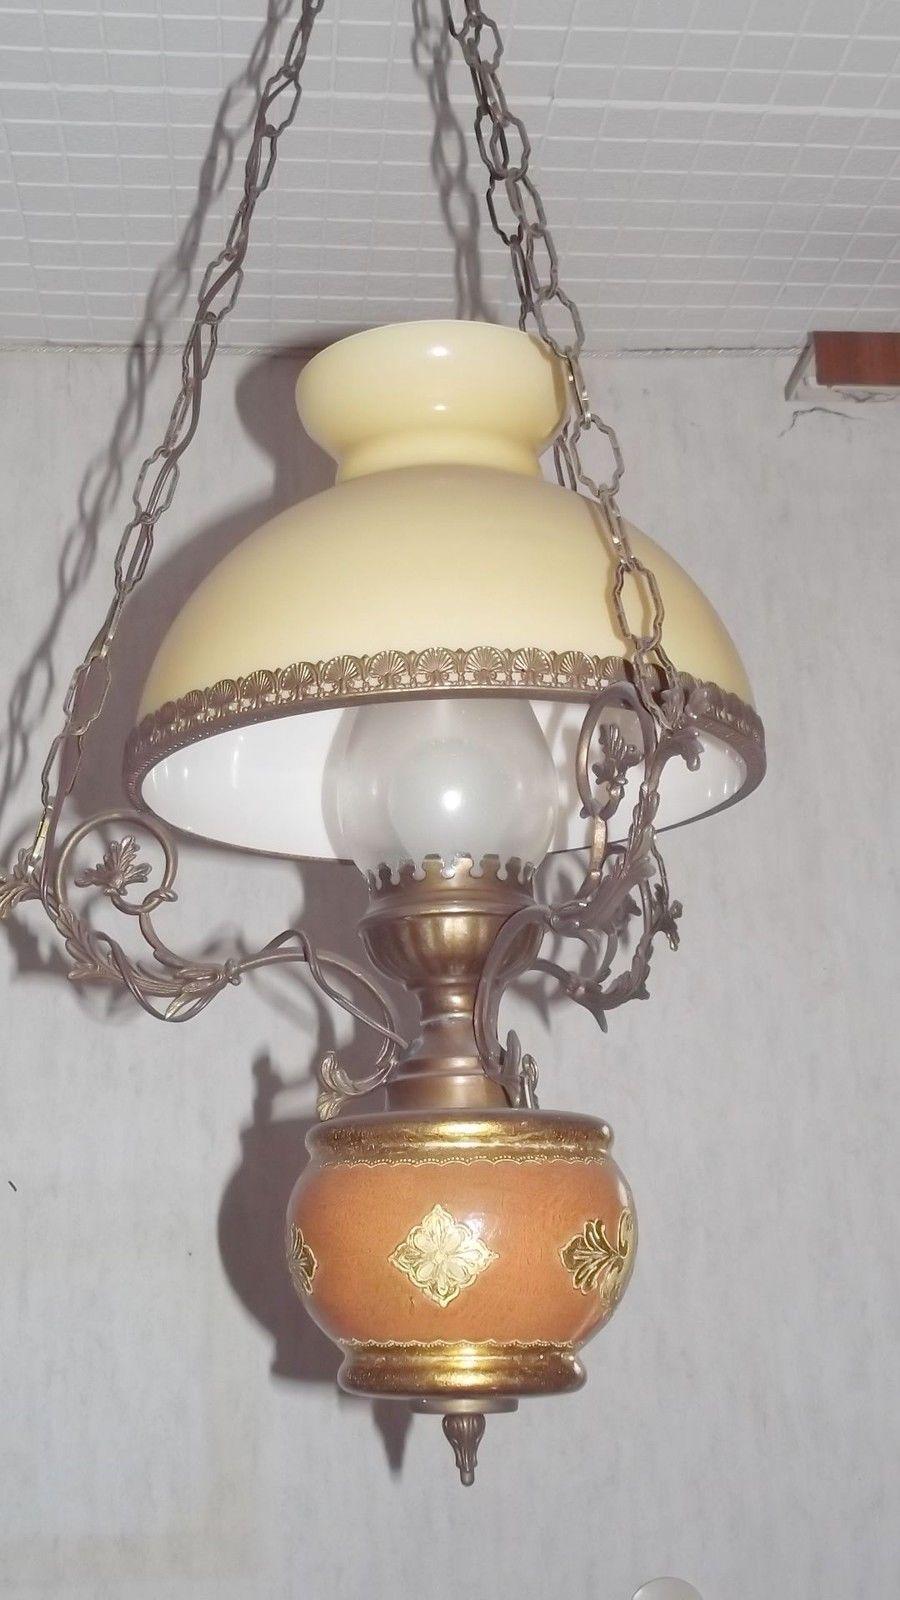 Faszinierend Messing Deckenlampe Foto Von Kronleuchter Antik In Möbel & Wohnen,beleuchtung, Deckenlampen